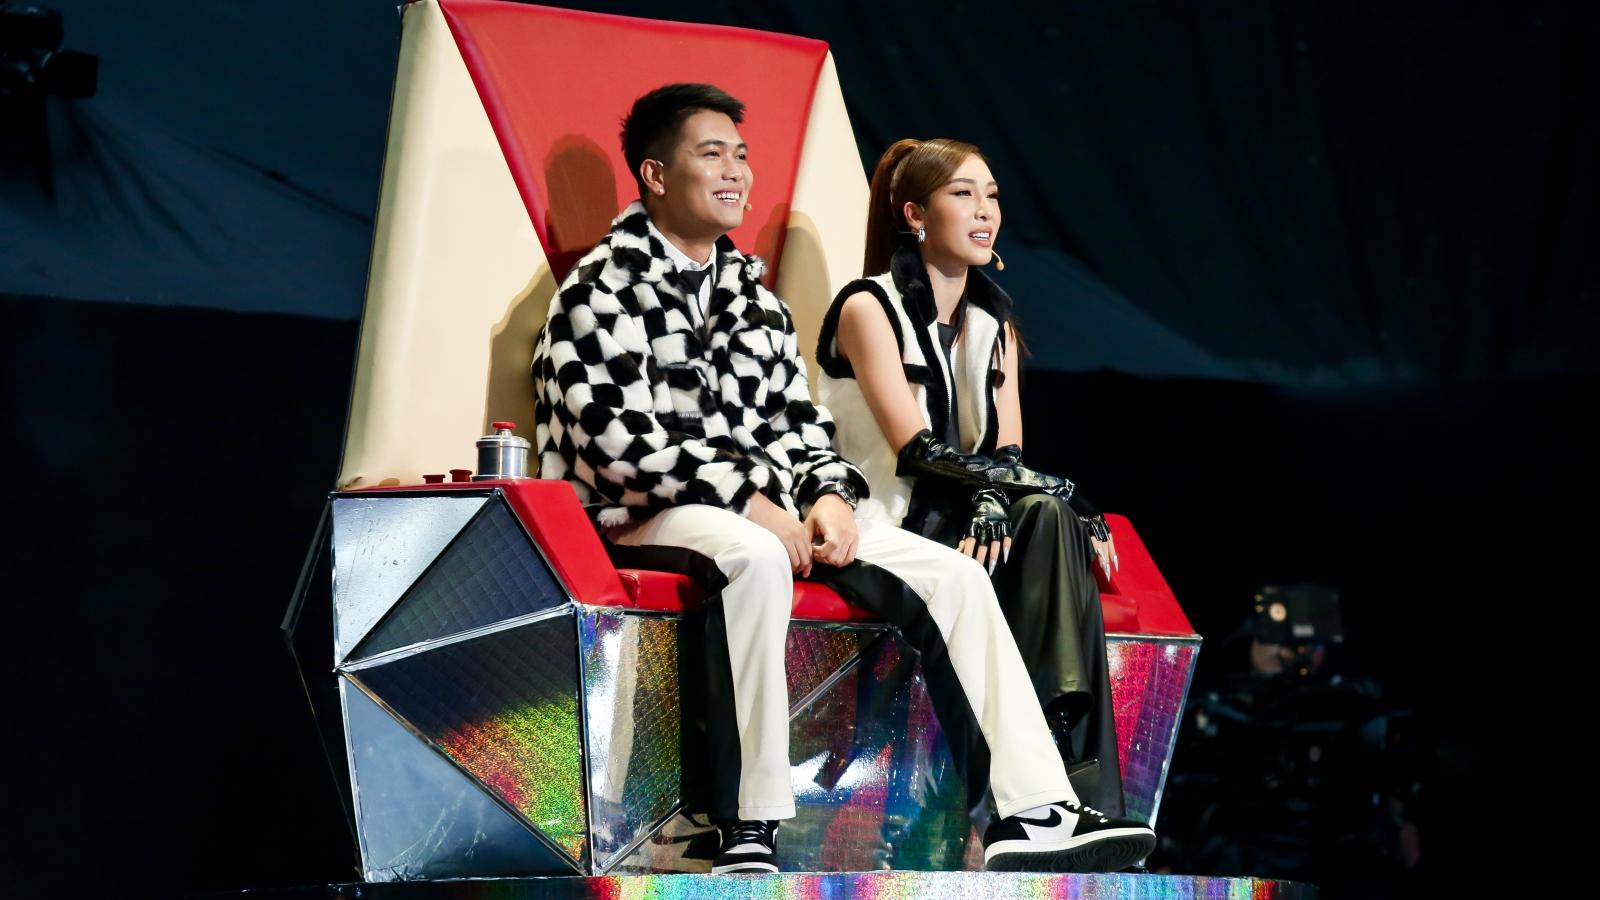 Giọng hát Việt nhí: Big Daddy - Emily có chiến thắng đầu tiên nhờ concept nhạc dân gian